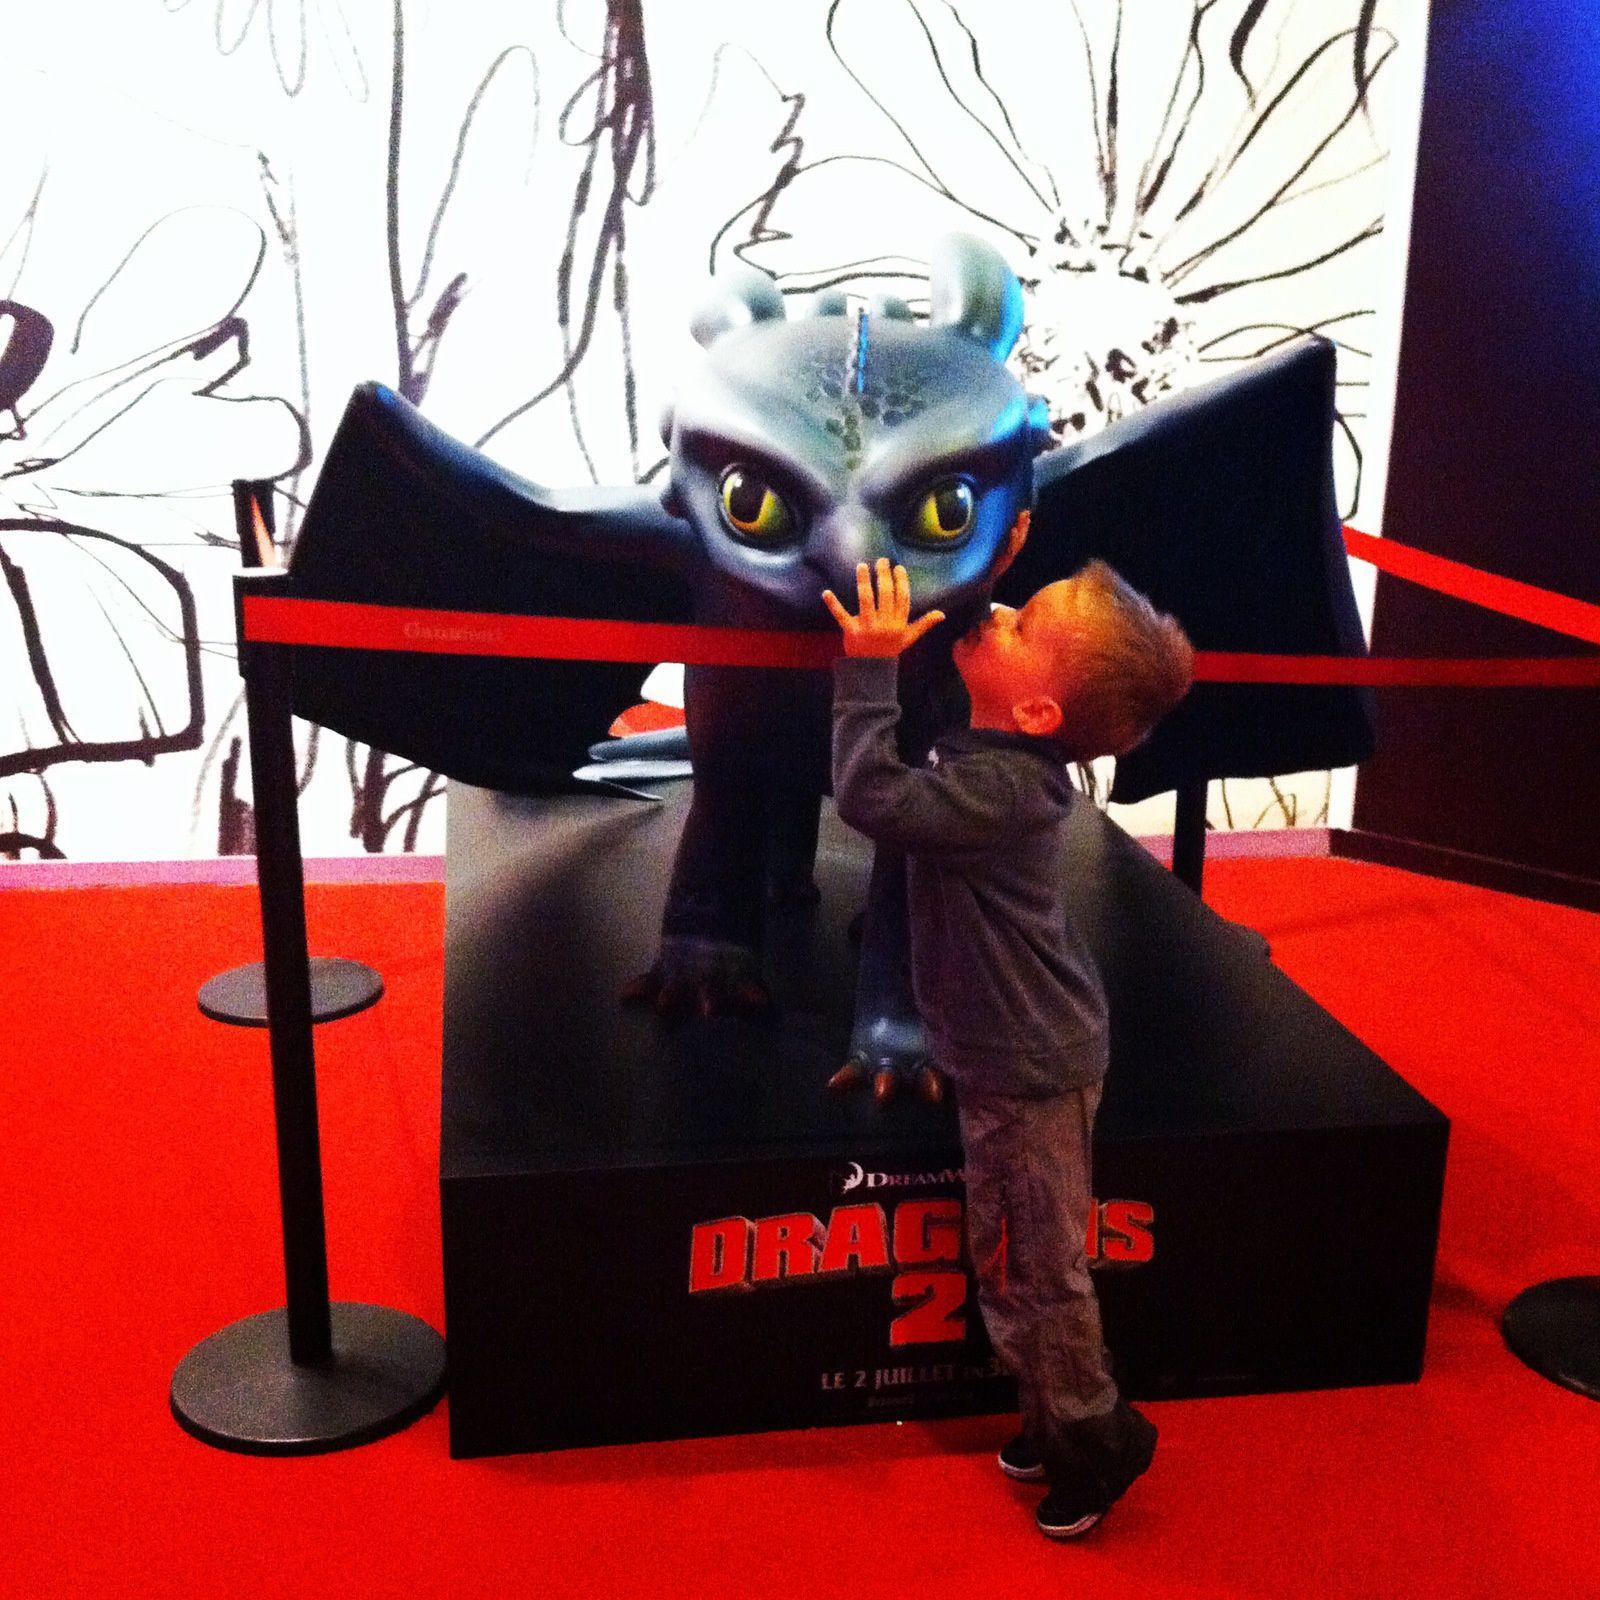 RDV avec croc mou - mini B a adoré ce film et moi aussi